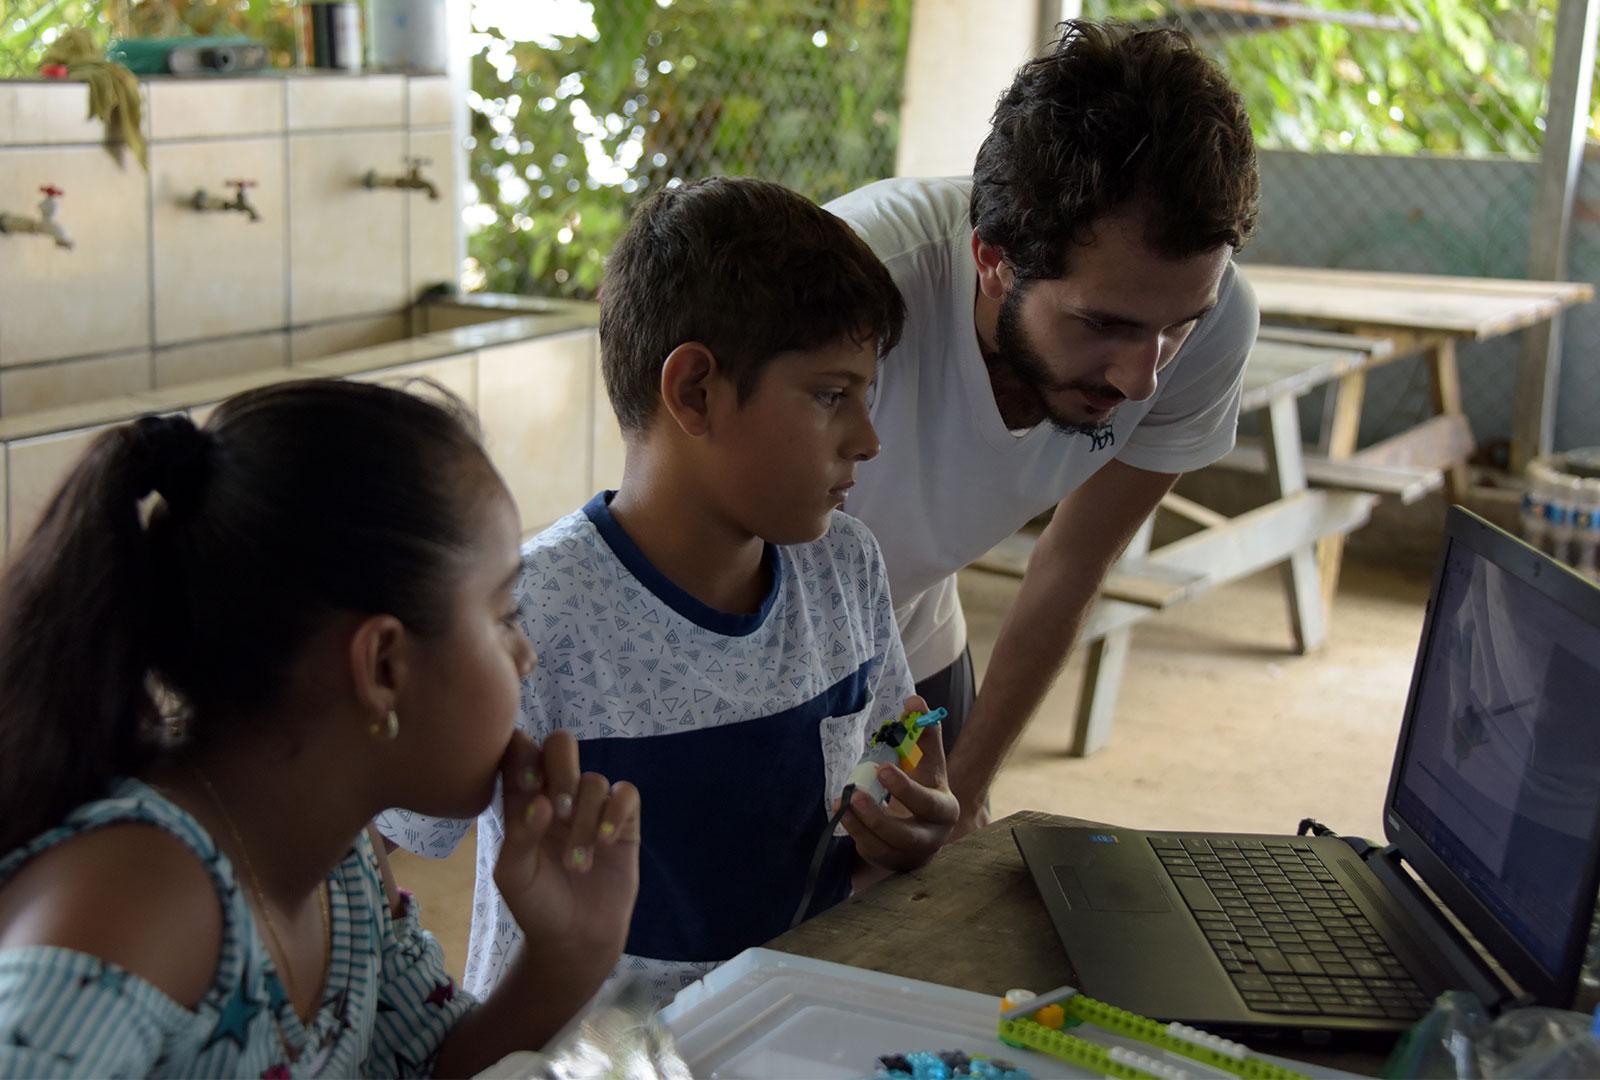 Estudiantes de ingeniería de la UCR ofrecen talleres a estudiantes de Drake. Los chicos exploran mientras sus padres participan de actividades con las que el Trabajo Comunal Universitario busca lograr un mayor impacto en la salud integral de los poblados.